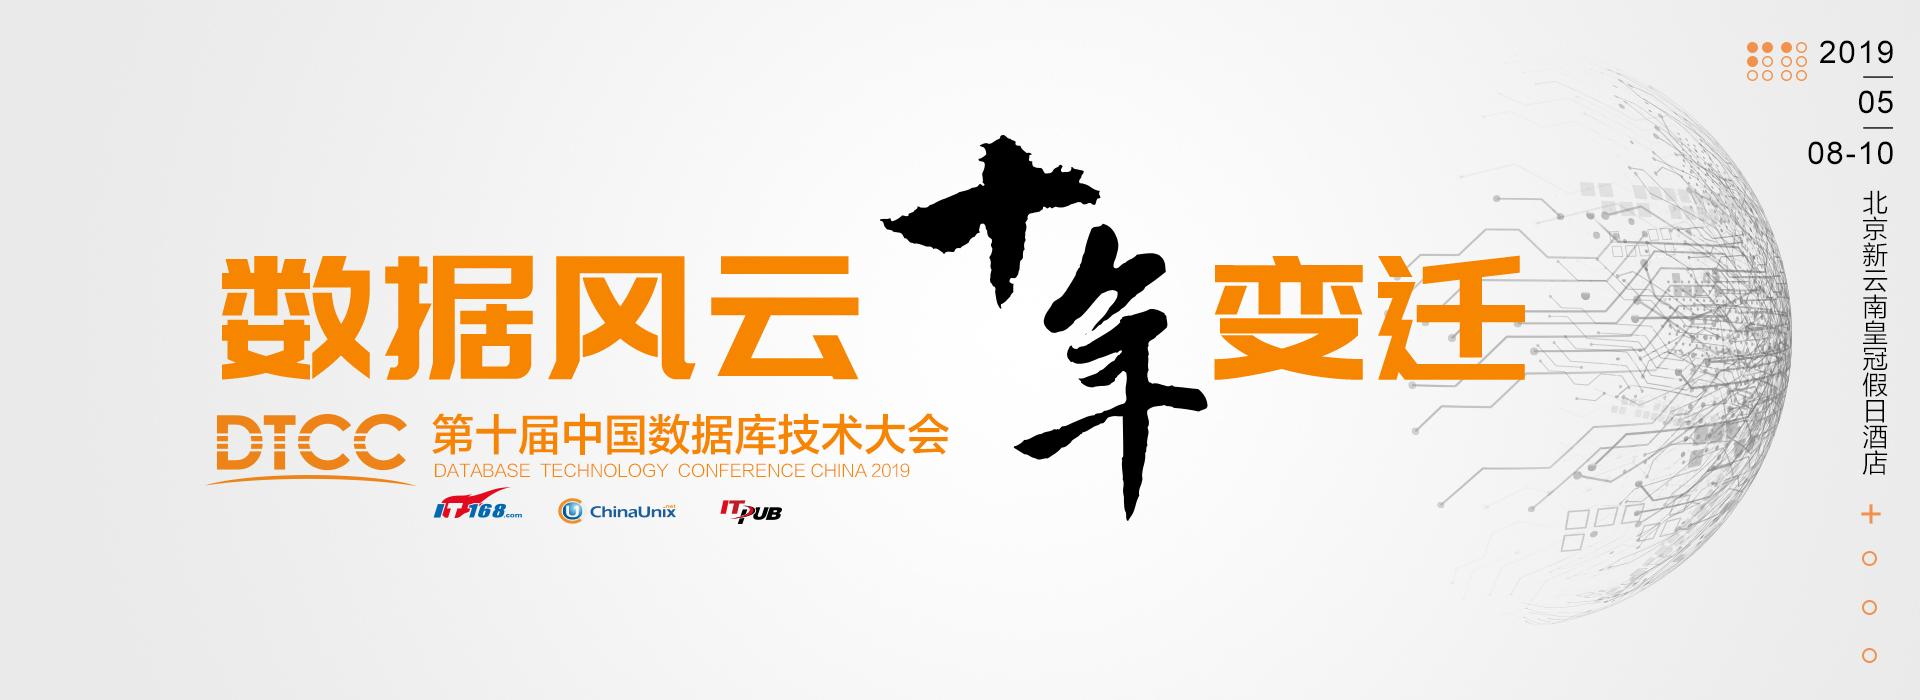 2019第十届中国数据库技术大会(DTCC2019)